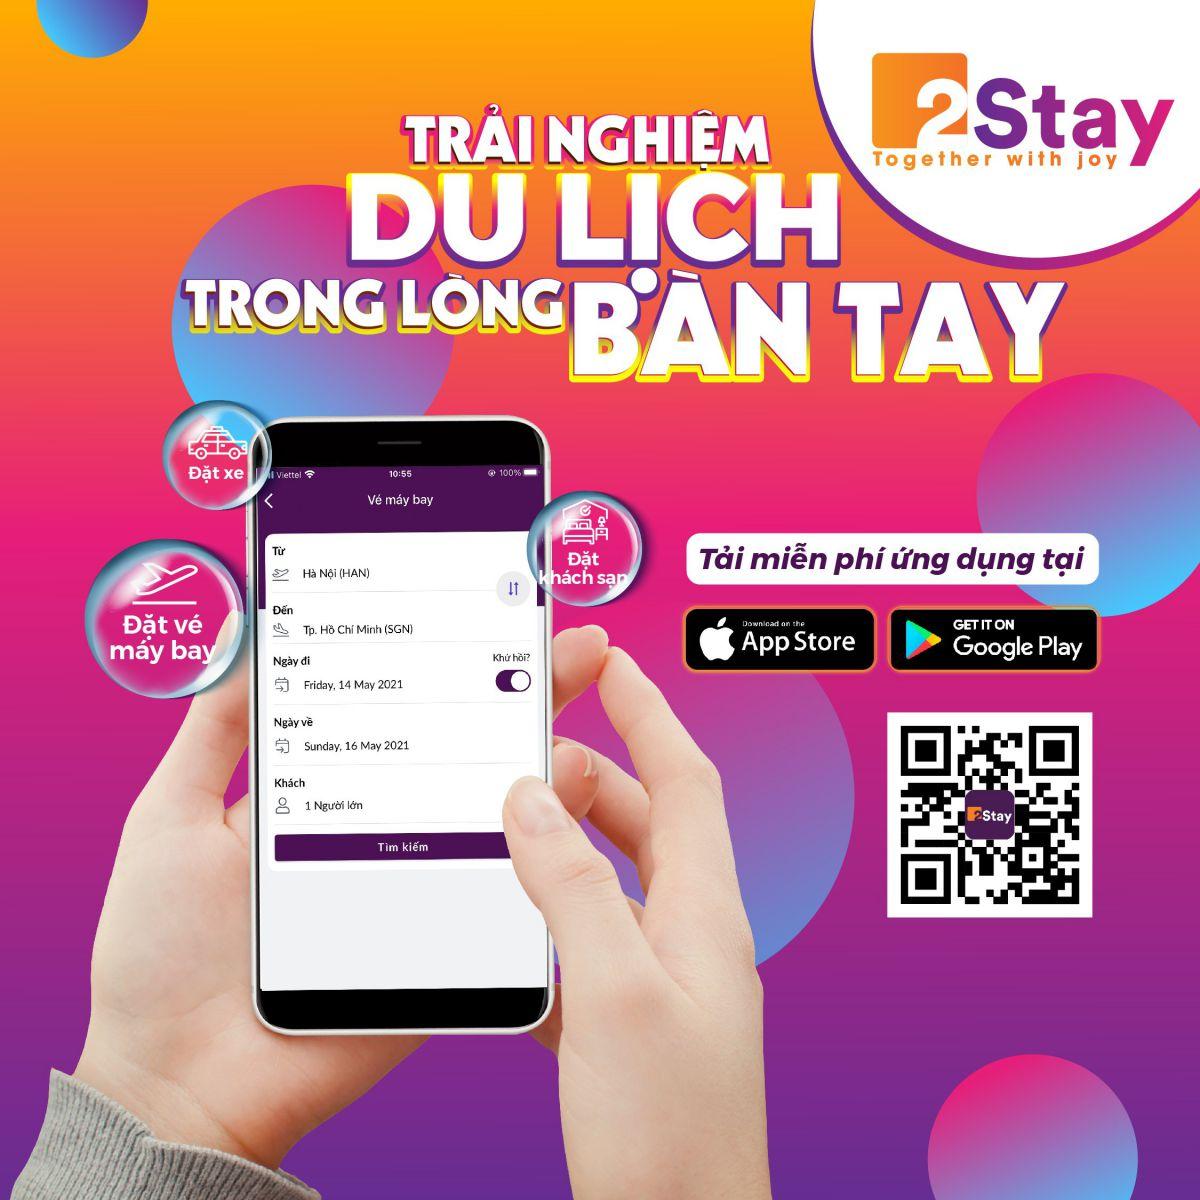 Tại sao các khách sạn và Condotel nên hợp tác với 2Stay?